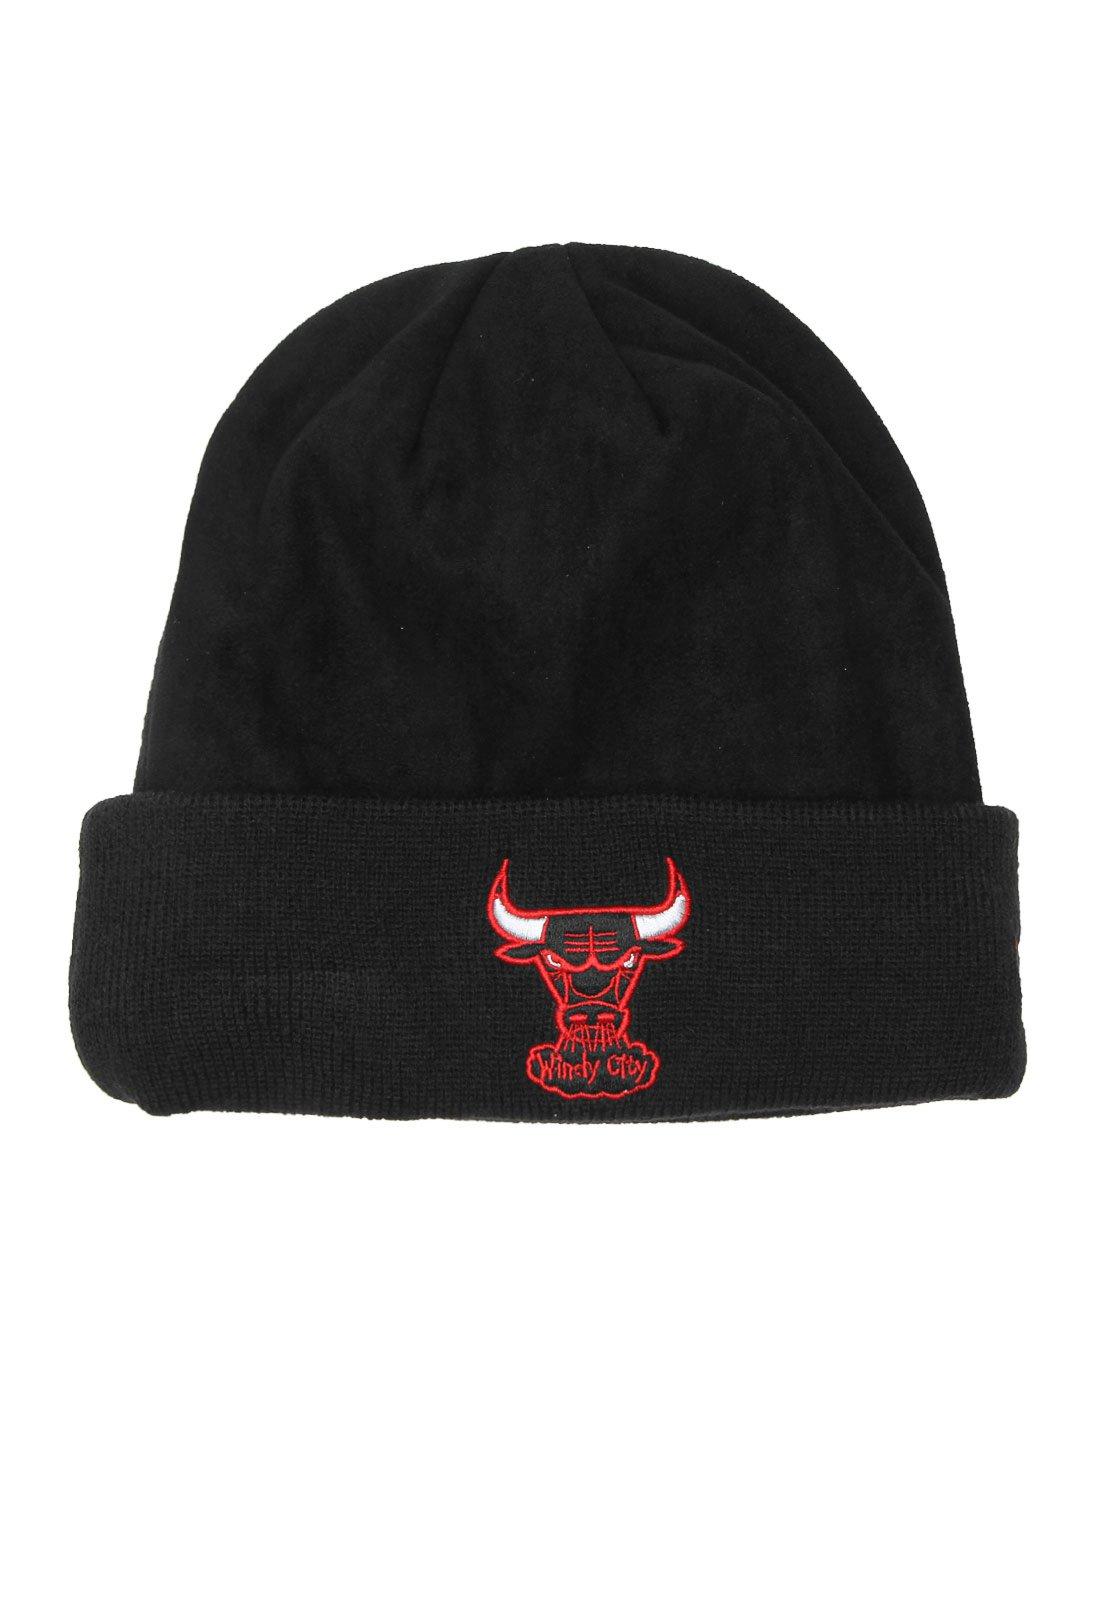 Gorro New Era Chicago Bulls Preto - Marca New Era ... 8c5126fc653